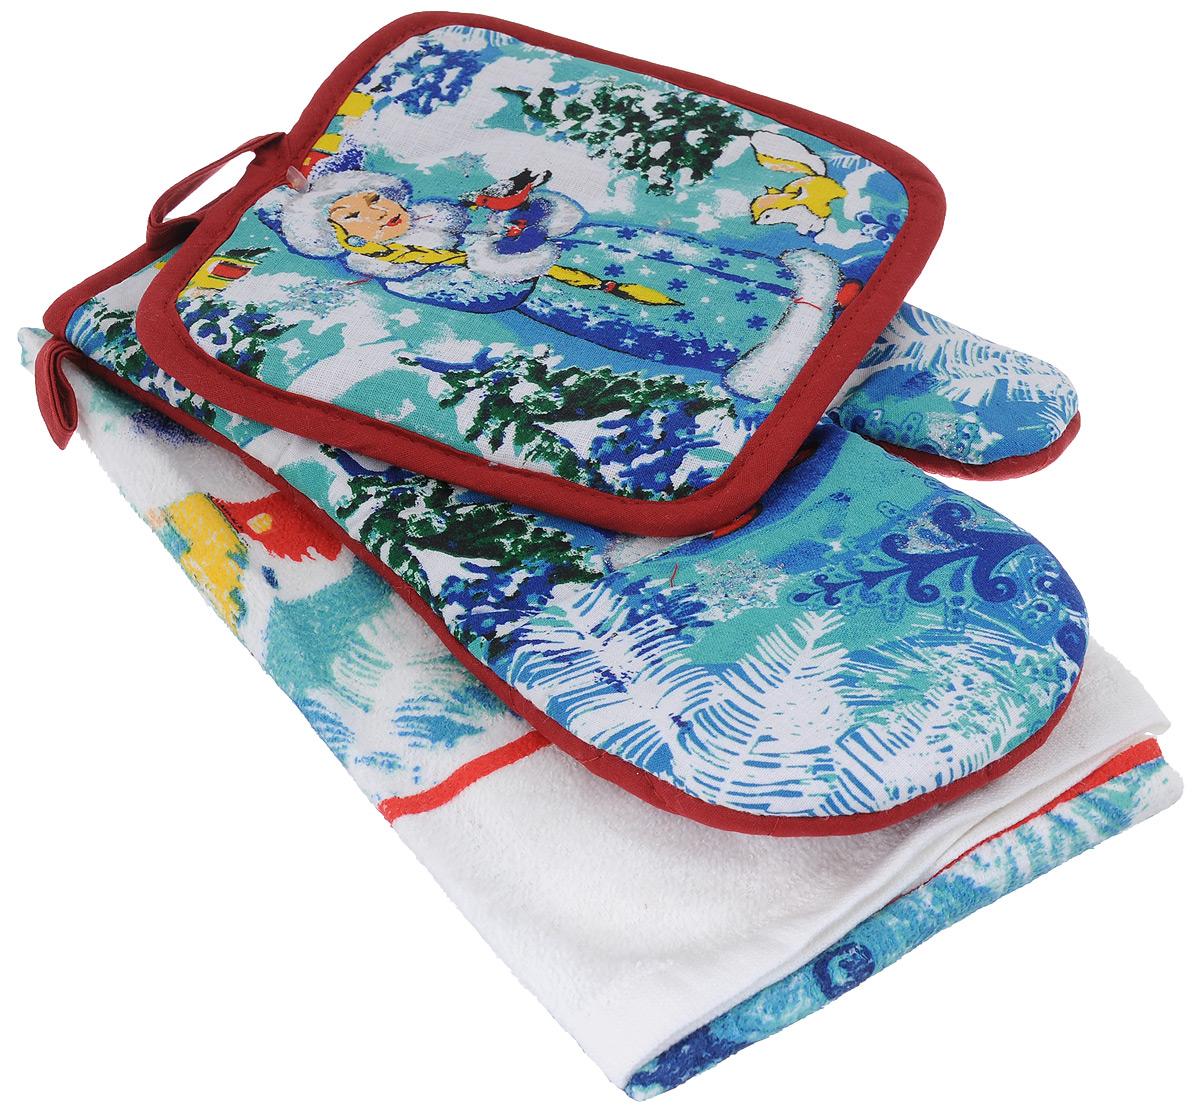 Подарочный набор для кухни Bonita Снегурочка, 3 предмета110120007Подарочный набор для кухни Bonita Снегурочка состоит из прихватки, полотенца и рукавицы. Рукавица и прихватка оснащены петельками для подвешивания. Предметы набора выполнены из хлопка и полиэстера, оформлены ярким изображением Снегурочки и декорированы блестками. Такой набор оригинально украсит интерьер и будет уместен на любой кухне. Прекрасно подойдет в качестве подарка, который окажется не только приятным, но и полезным в хозяйстве. Размер прихватки: 17 см х 17 см. Размер полотенца: 63 см х 38 см. Размер рукавицы: 26 см х 17 см.